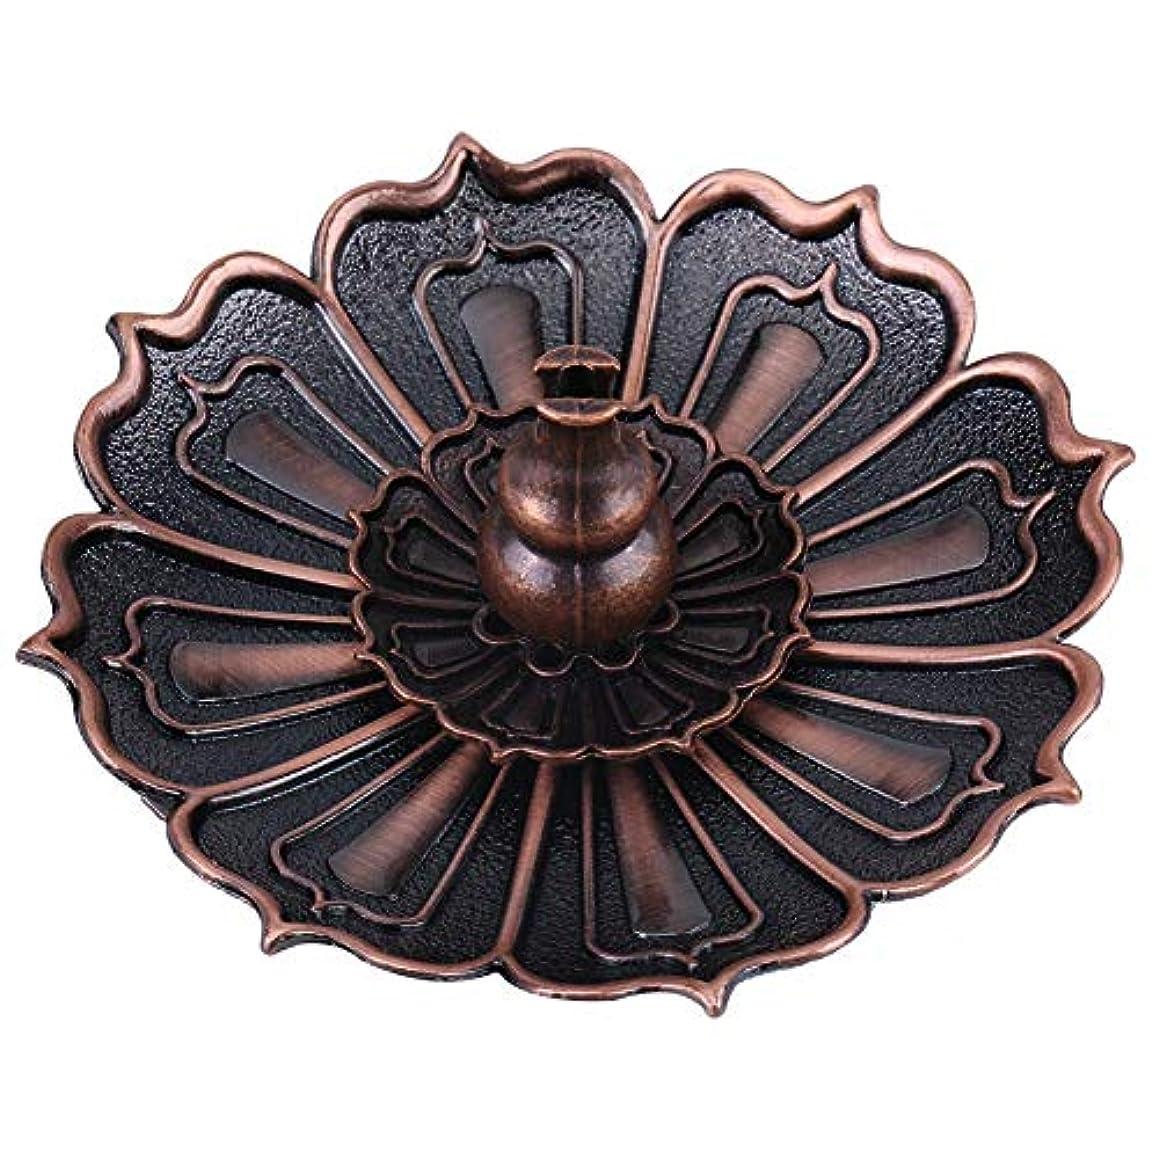 コカインパンフレット誕生蓮の花の形の香ホルダー - 線香炉 香立て お香用具 お線香用可 アロマ香炉9×3.5センチメートル